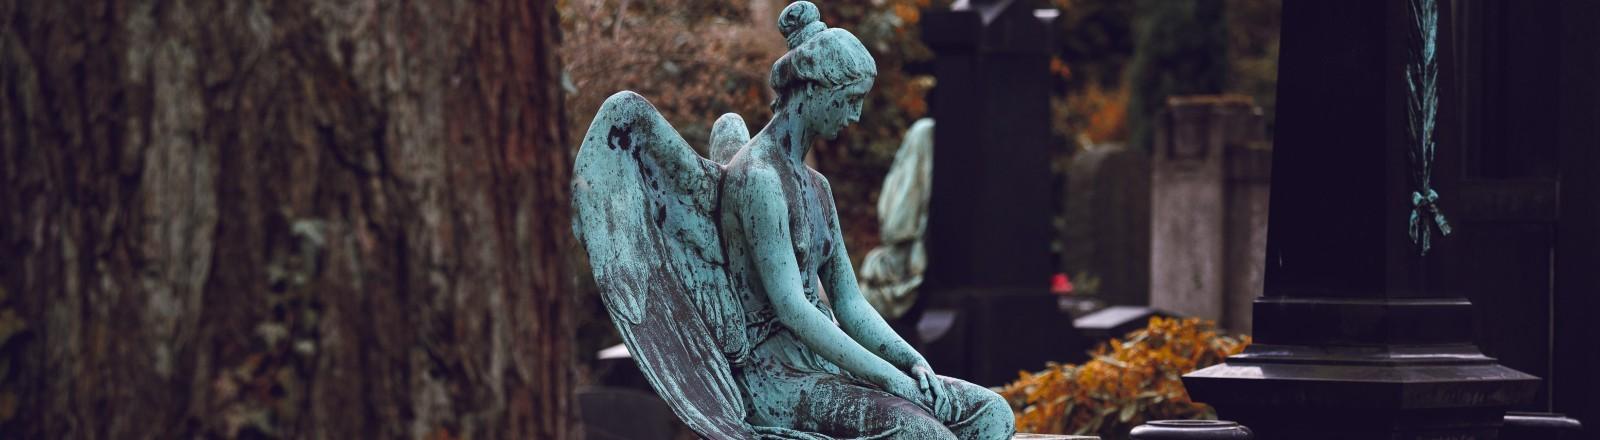 Die Statue eines Engels aufs einem Grabstein.